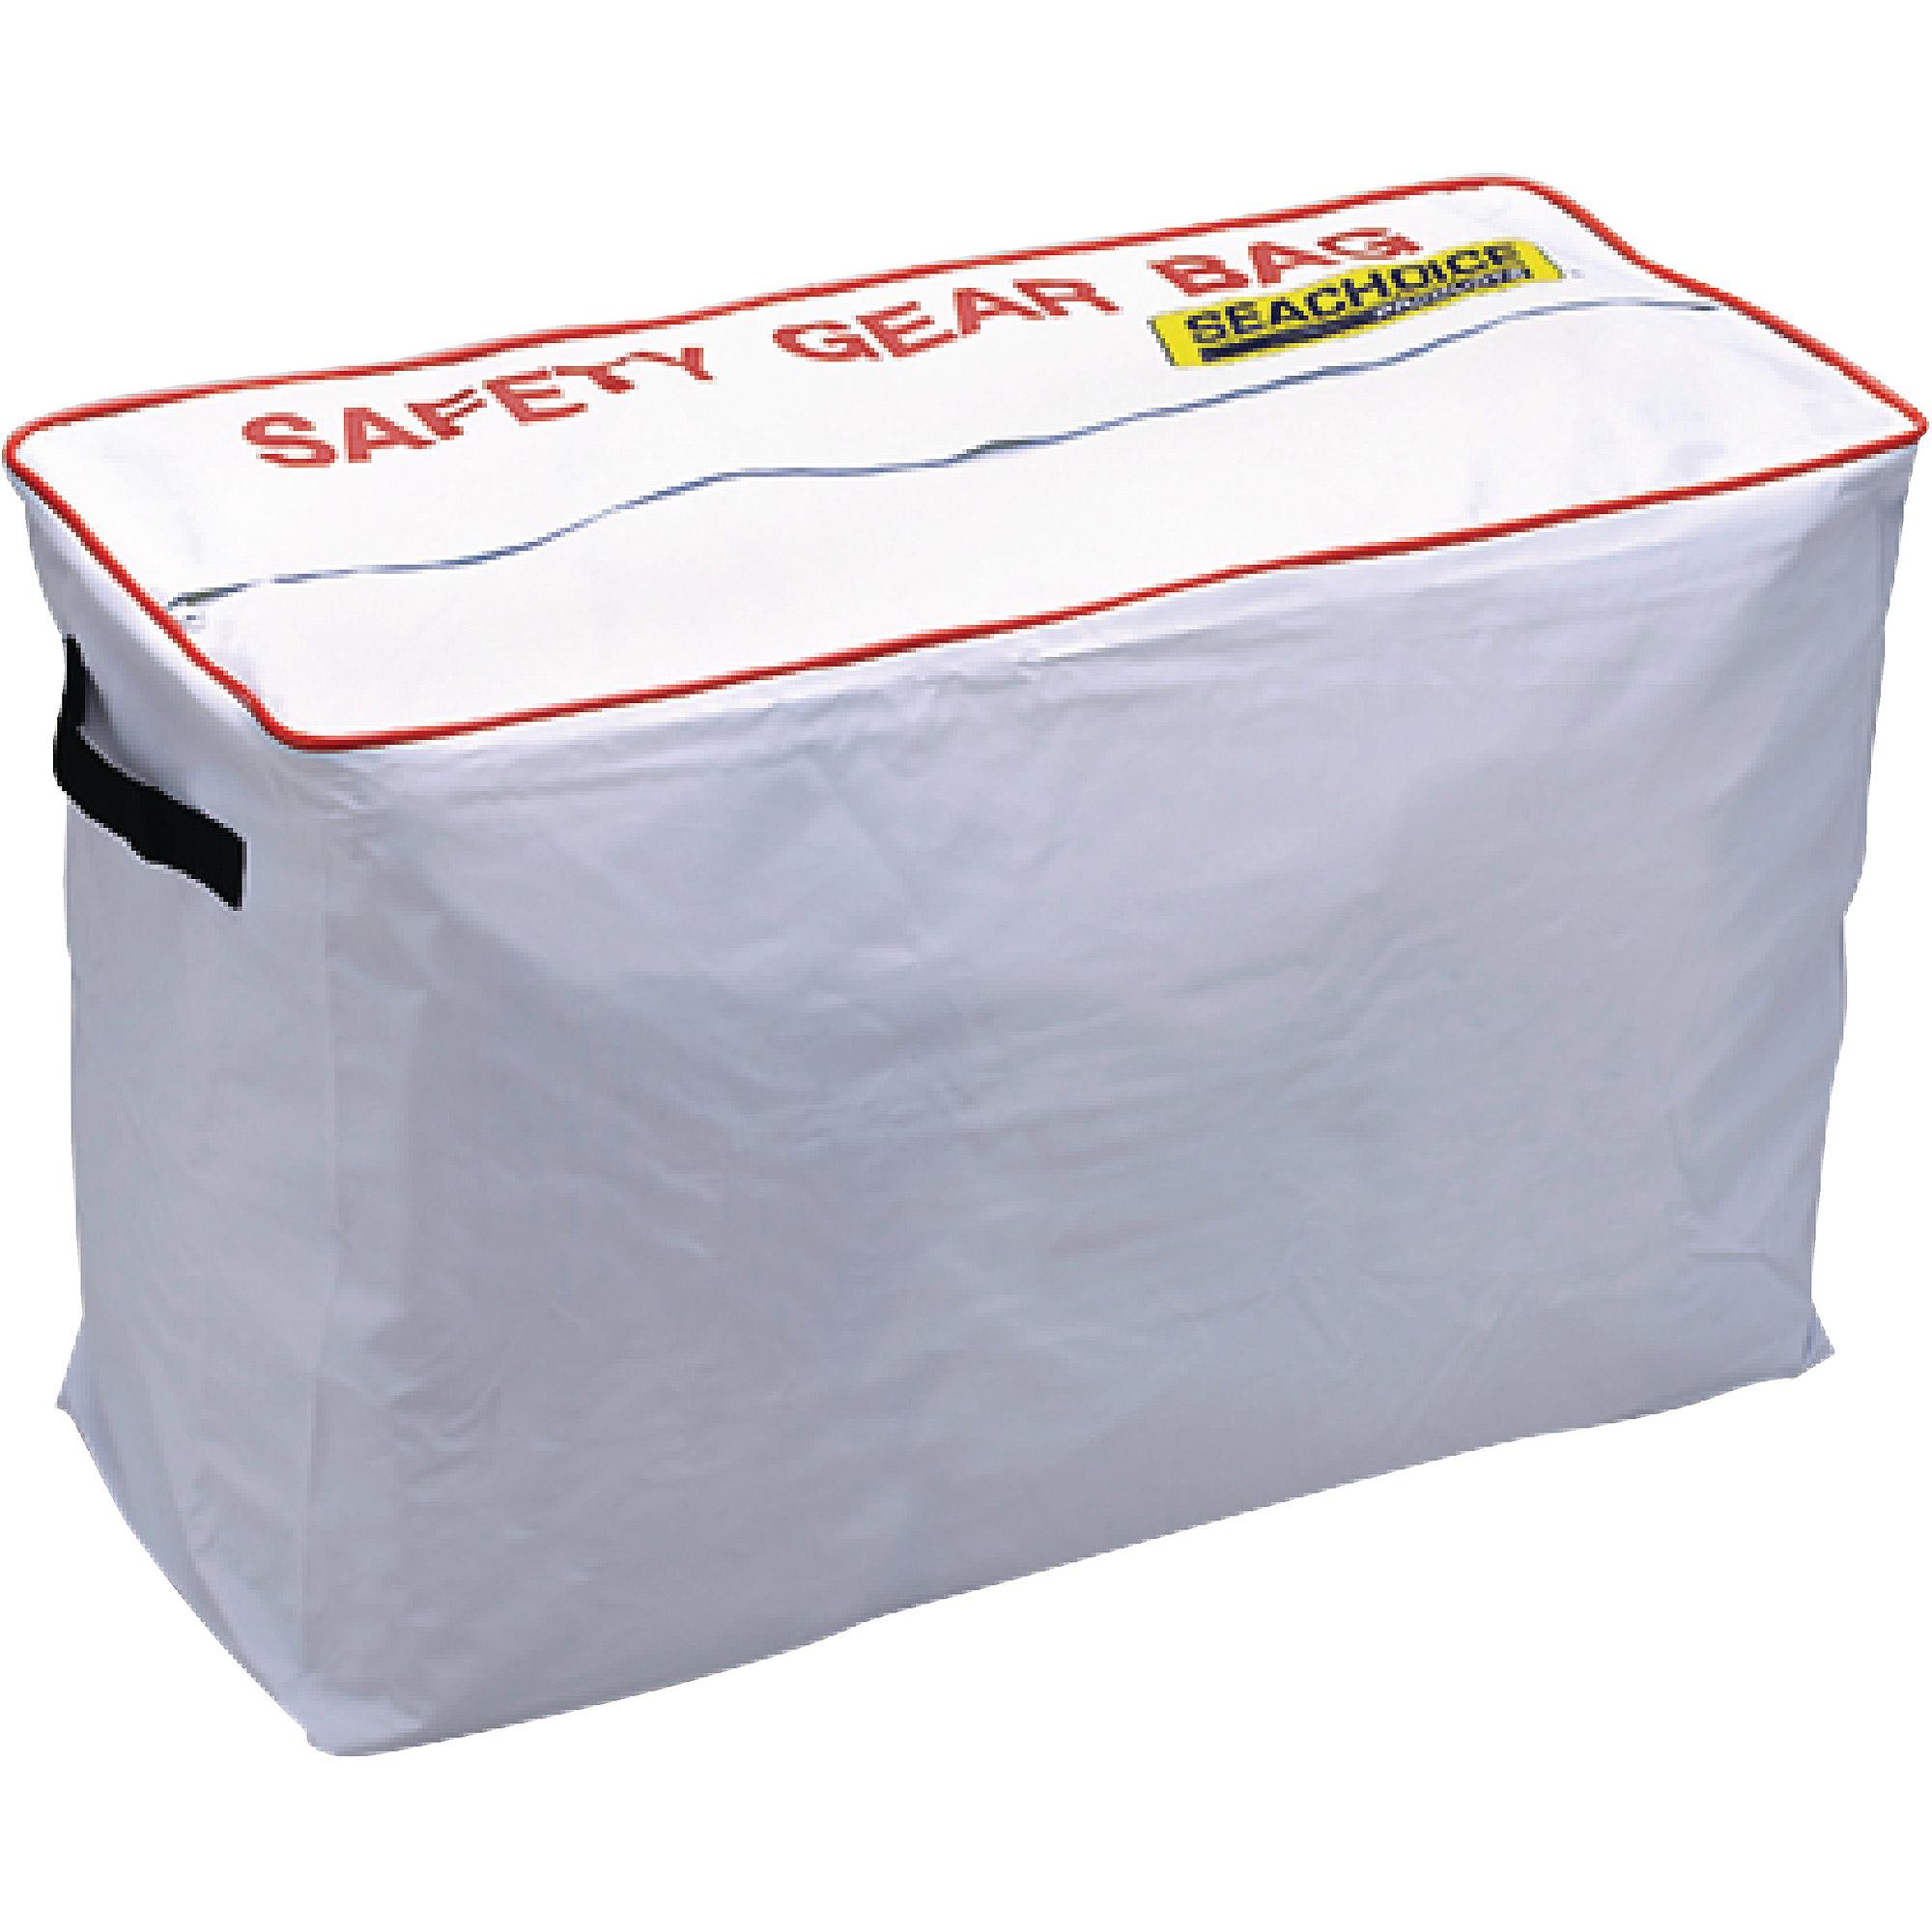 Seachoice Safety Gear Bag